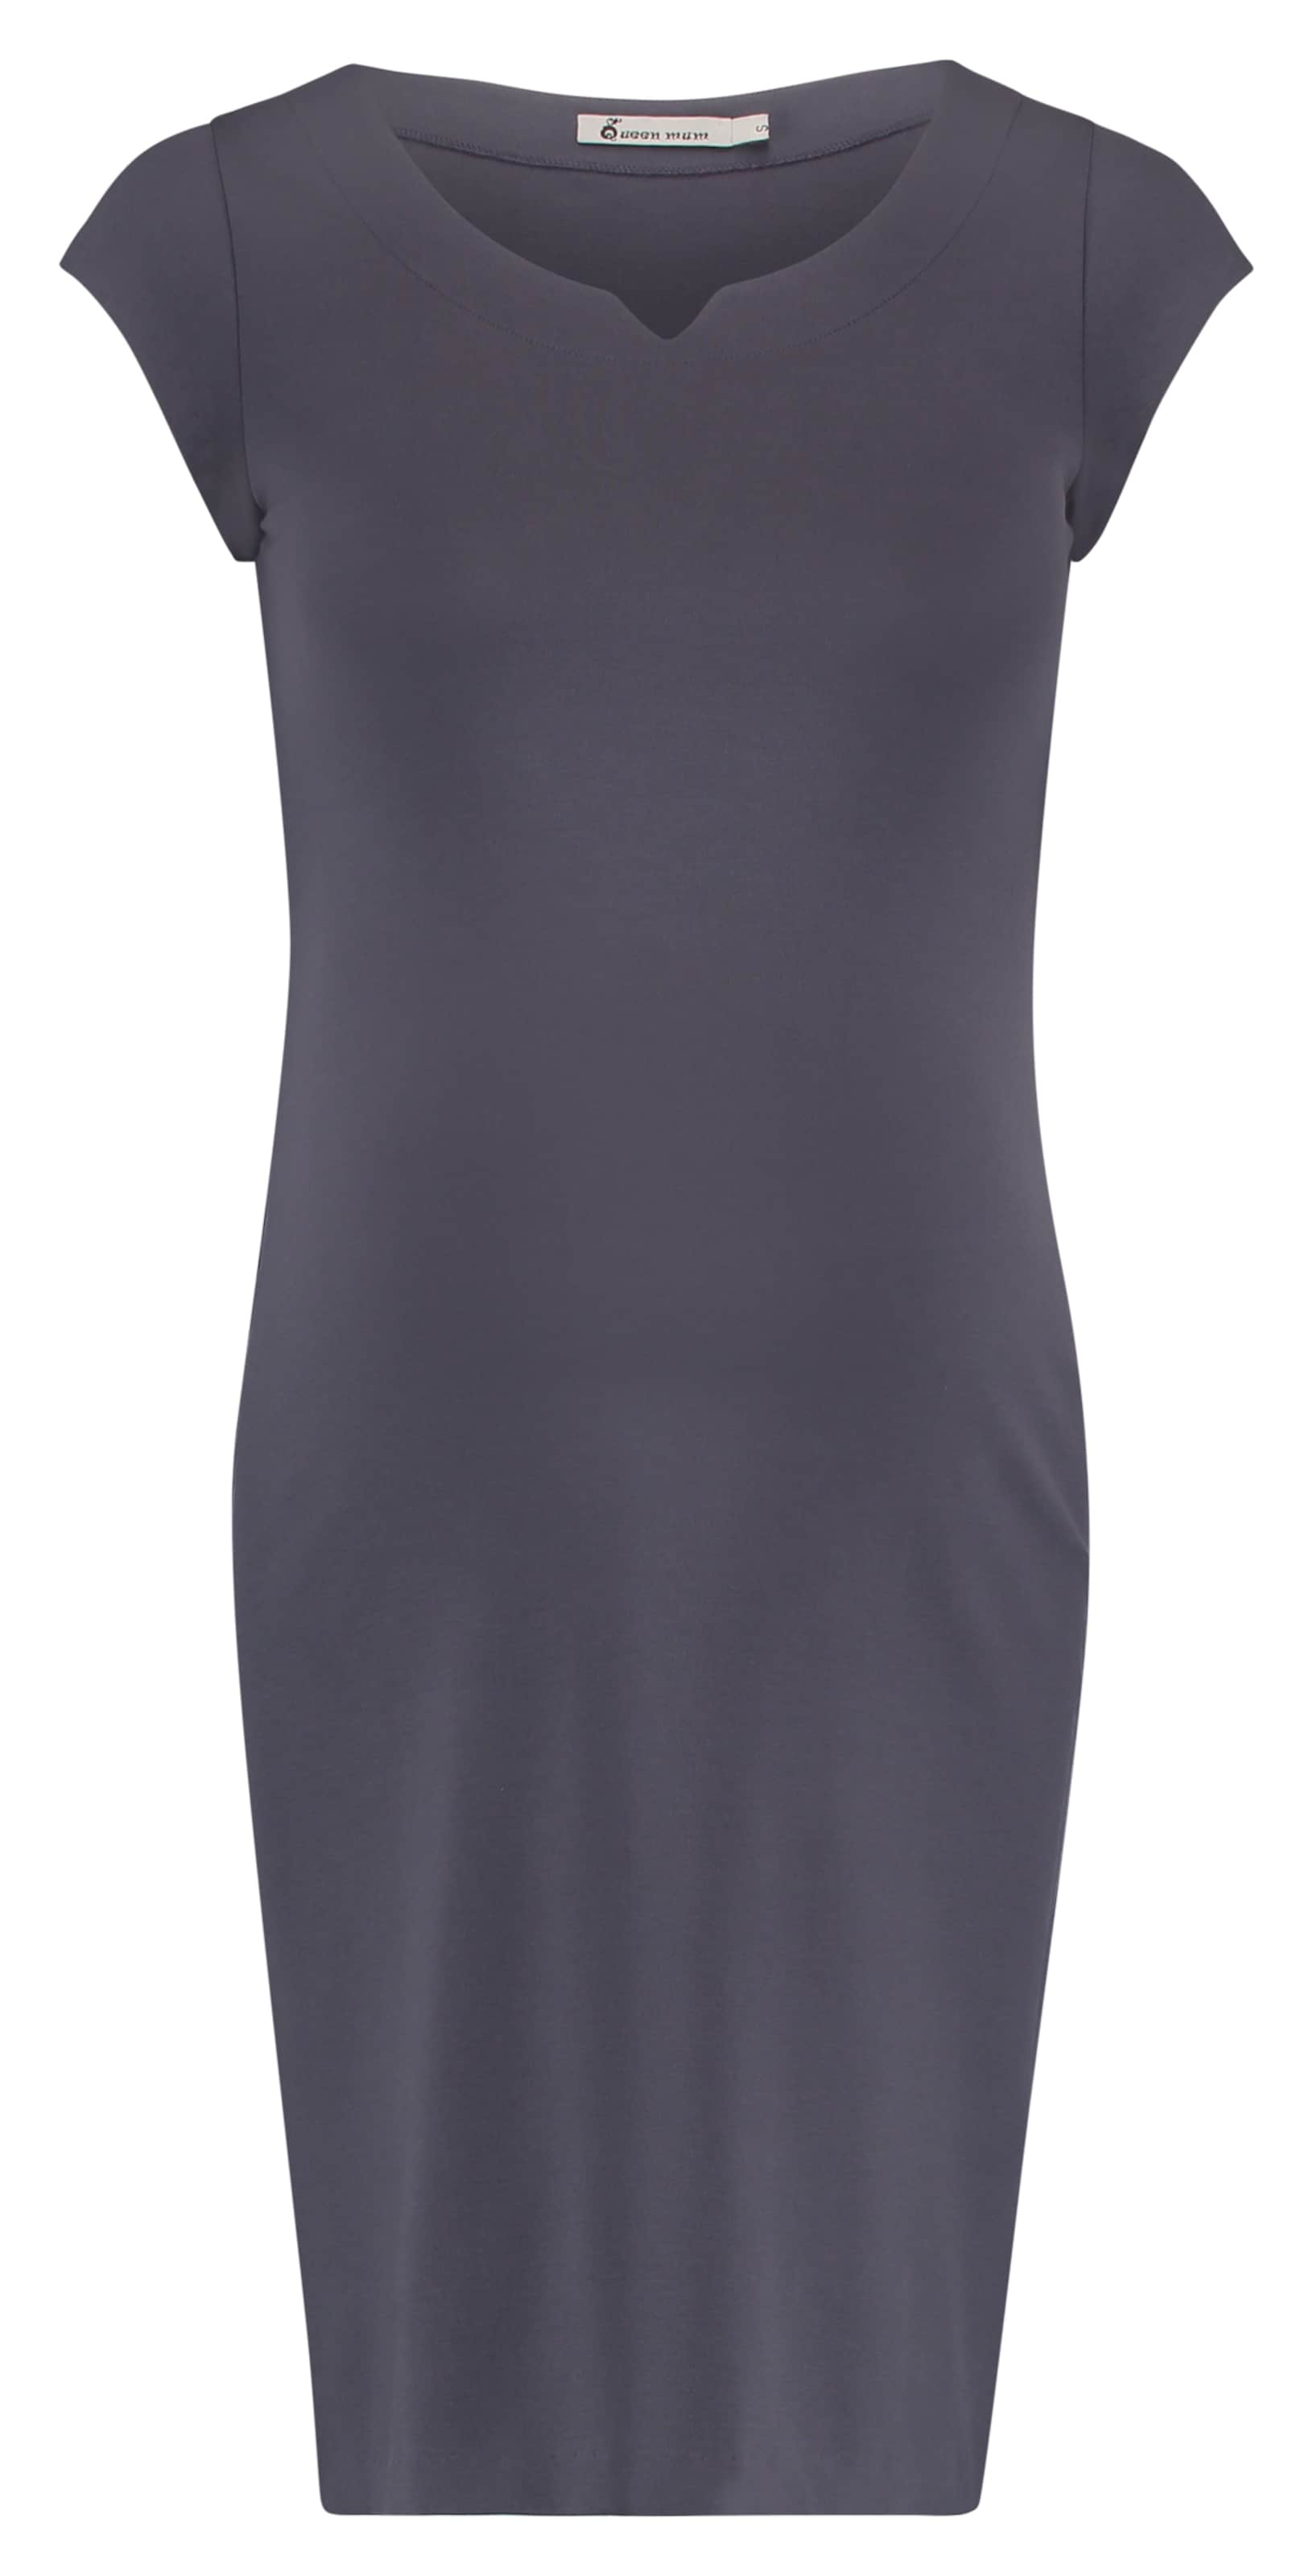 Verkauf Suchen QUEEN MUM Kleid Verkauf Kauf In Deutschland Zu Verkaufen Verkauf Zahlen Mit Paypal vHe59J1Ty